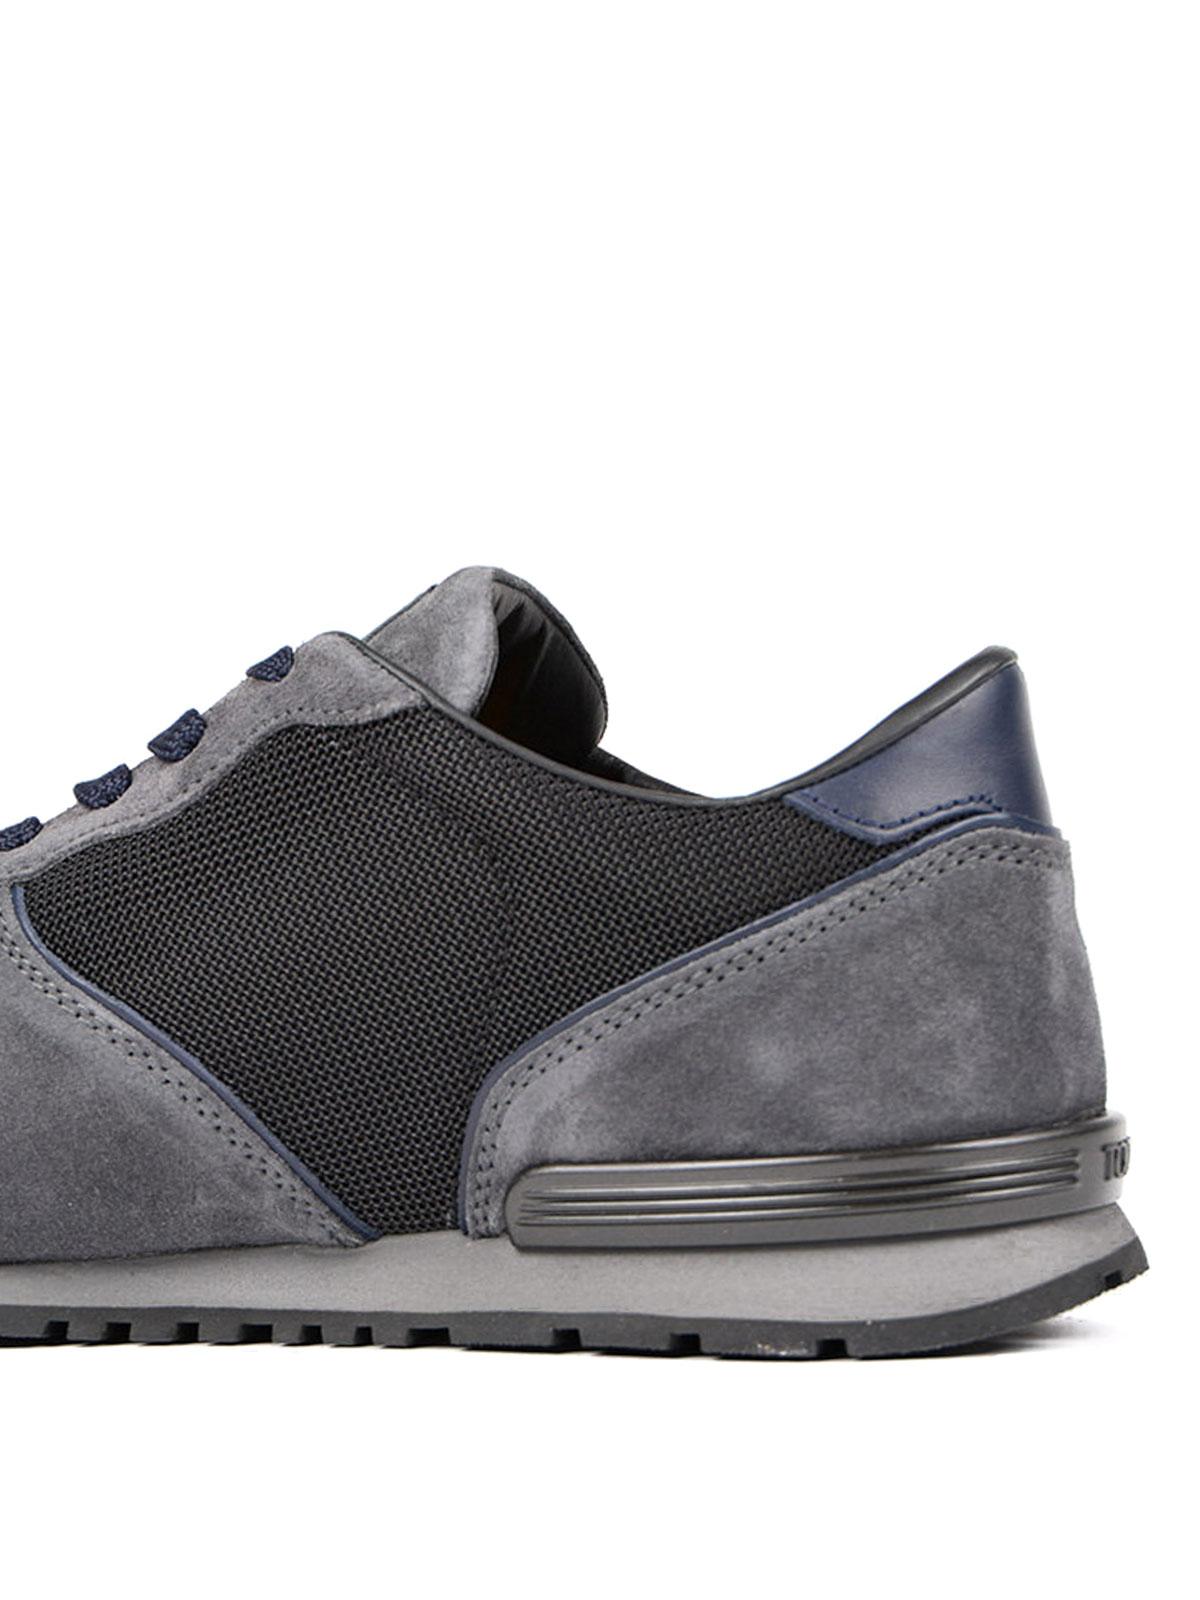 Actives Chaussures De Course Multiples De Tissu etHHWIu0L